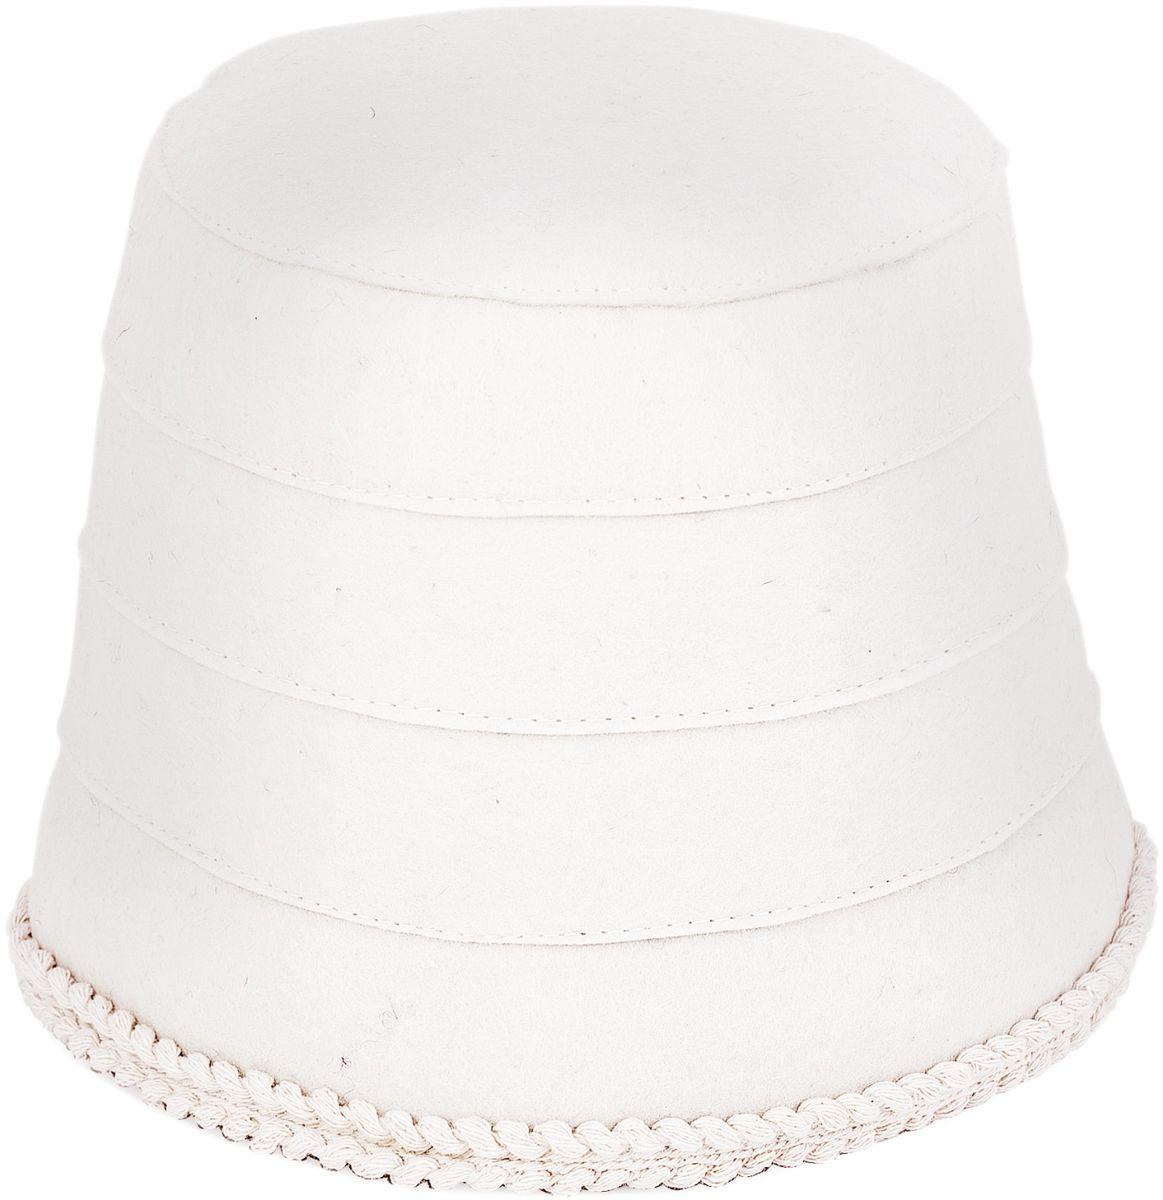 Шапка для бани и сауны Onni (Онни), цвет: бежевый. Размер М. 139139 MИзысканная утонченность шапок Onni (Онни) из натурального фетра, радует идеальной выделкой шерсти, делая их удивительно гигроскопичными, защищает от высоких температур в парной. Особые дизайнерские находки нашли свое воплощение в необычном крое и высокой комфортности изделий. Характеристики: Цвет: бежевый. Материал: фетр. Размер шапки: M. Максимальный обхват головы (по основанию шапки): 66 см. Высота шапки: 16 см. Производитель: Россия. Артикул: 139.